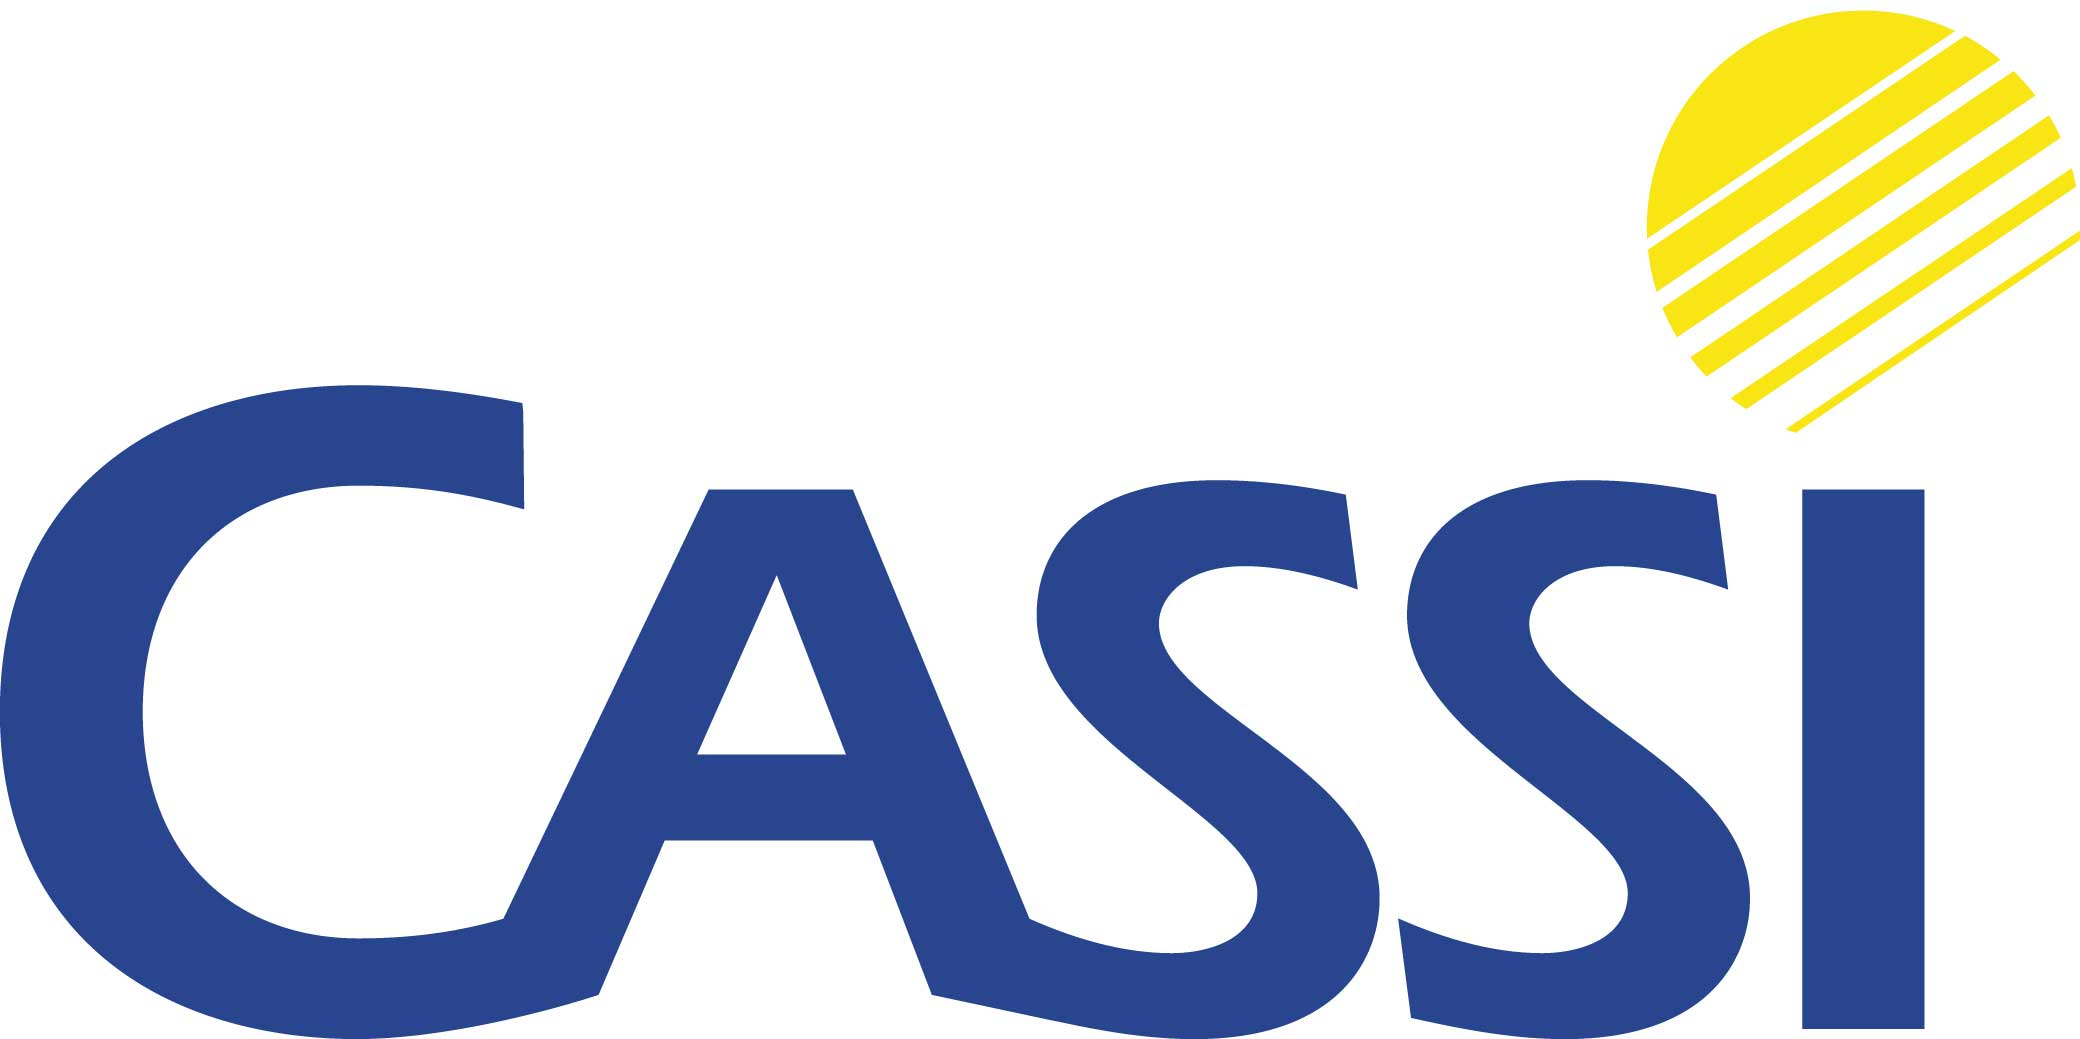 Decretada a intervenção na Cassi pela ANS – Agência Nacional de Saúde